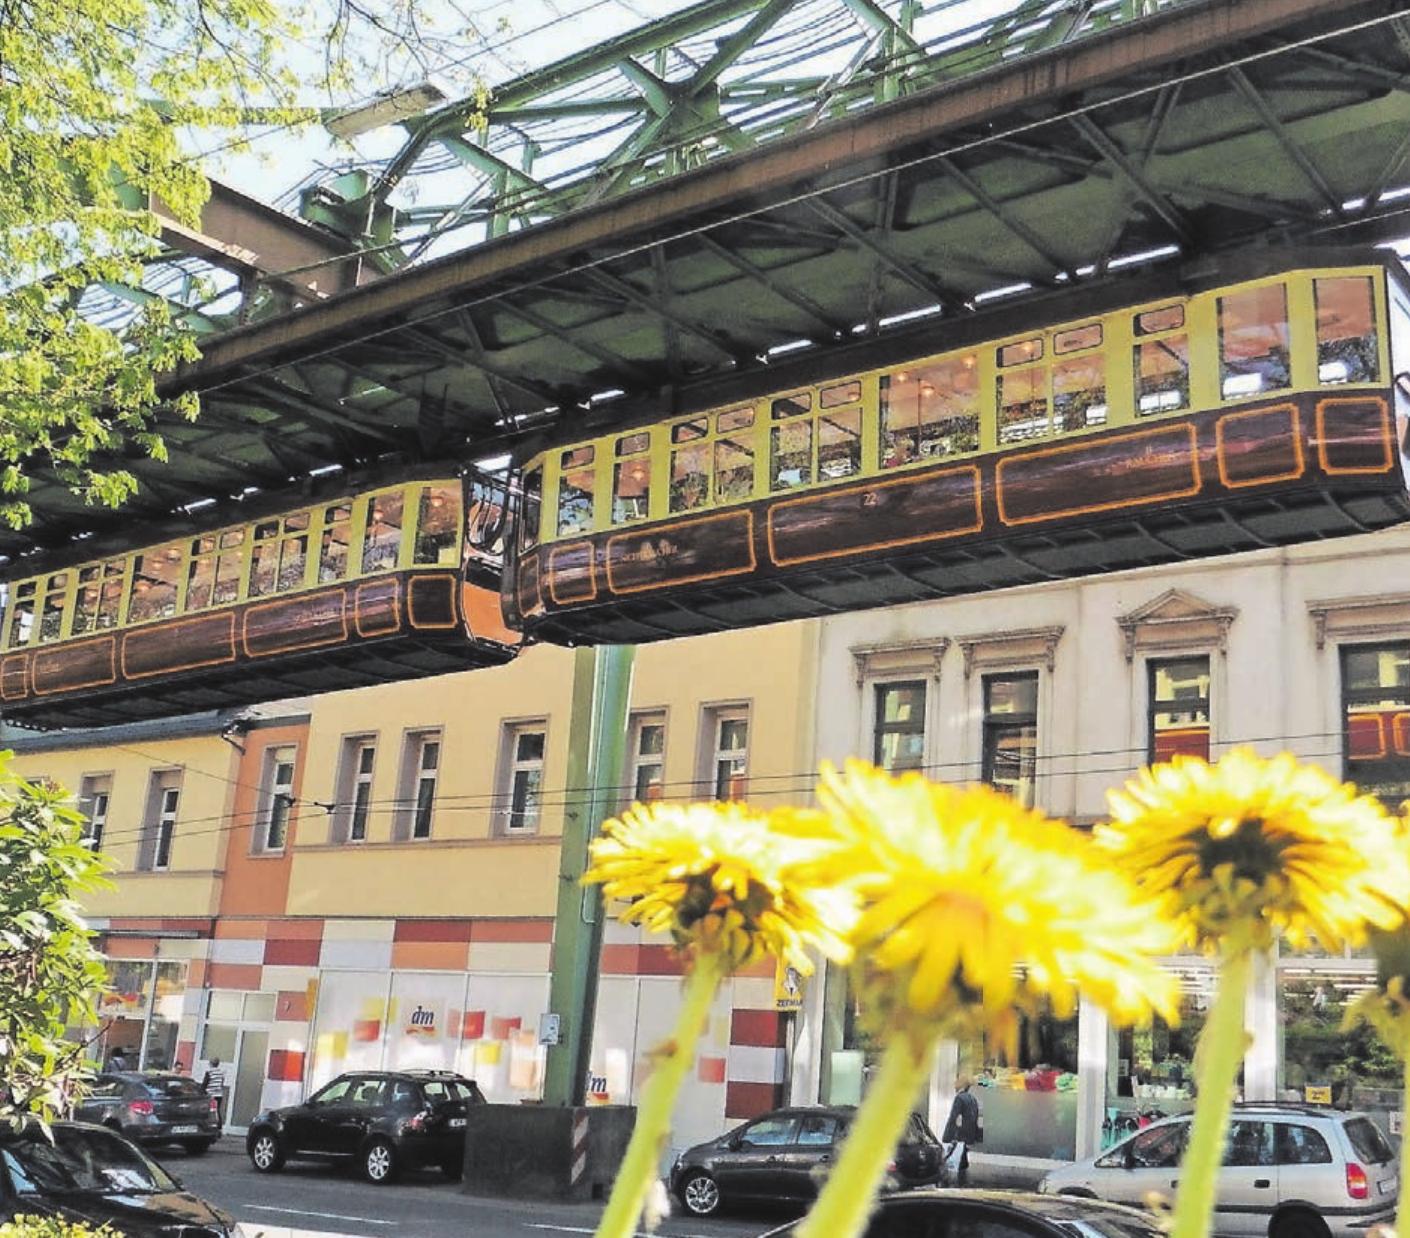 """Seit 1901 verbindet der """"stahlharte Drache"""", die Schwebebahn, die Stadtteile im Tal der Wupper. Der historische Kaiserwagen geht nach einer Pause 2020 wieder in Betrieb."""